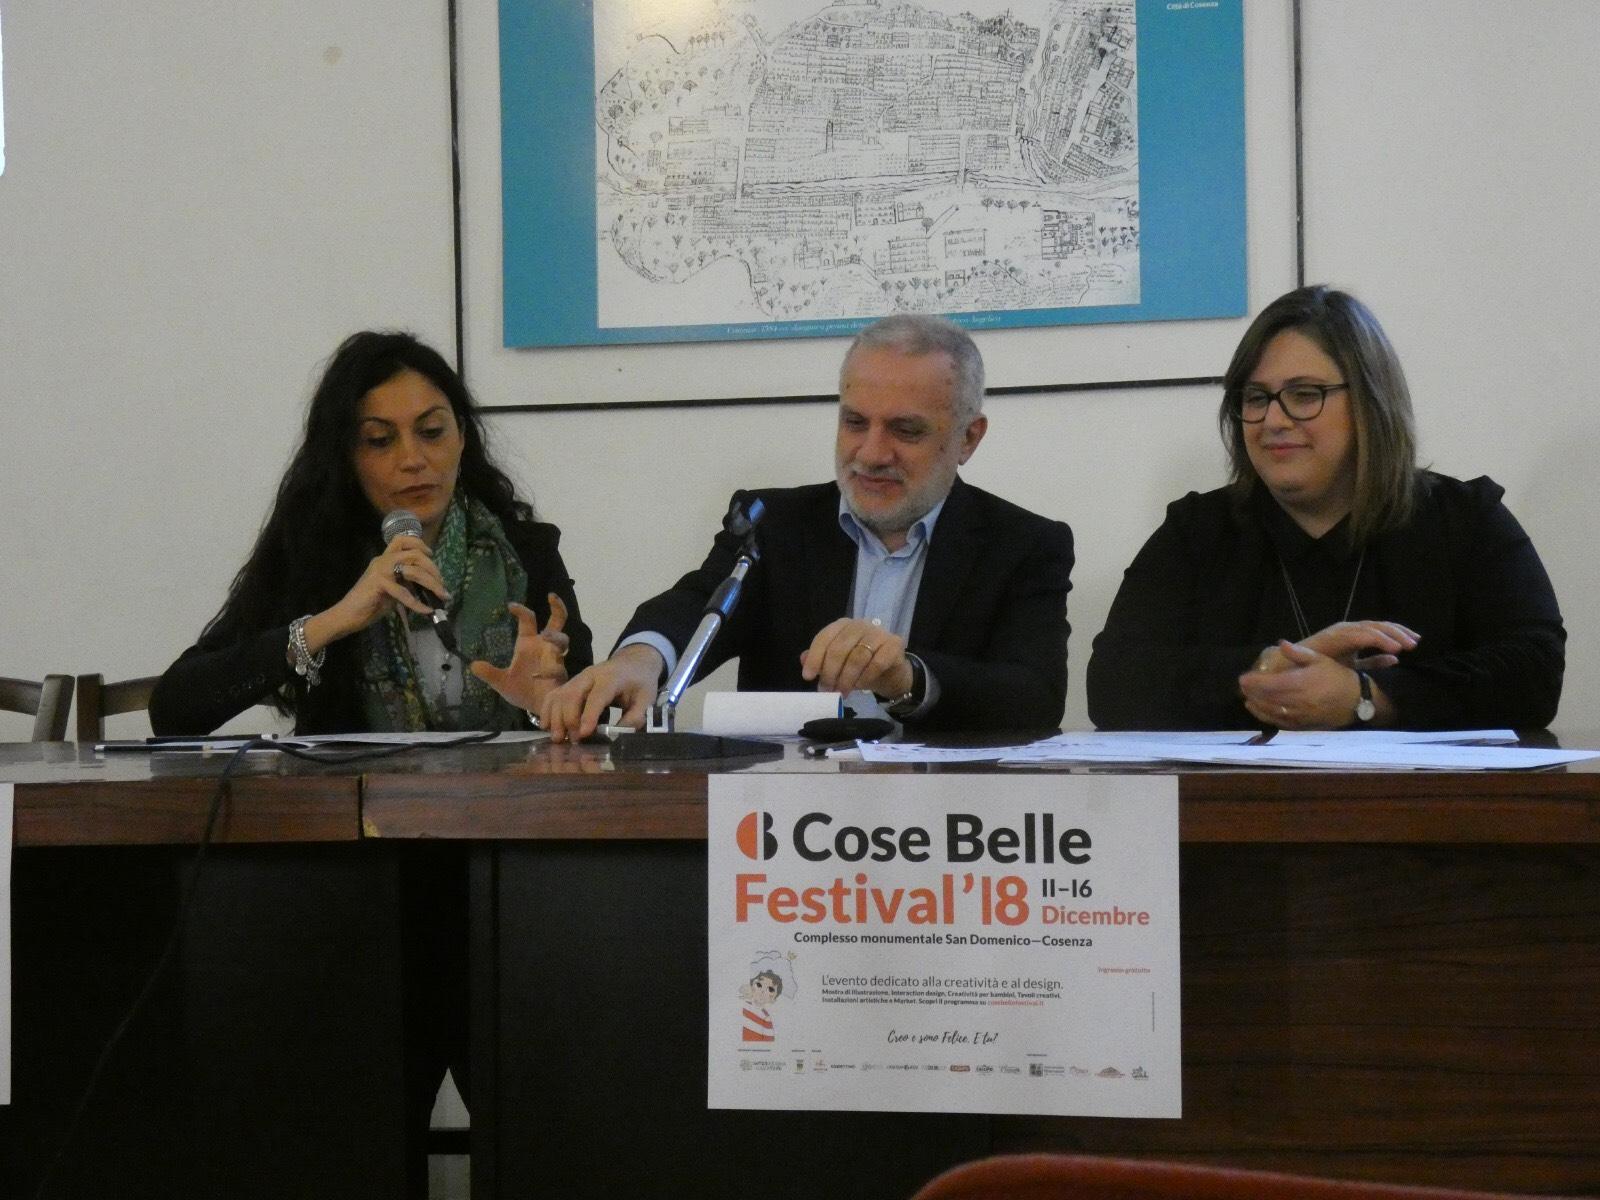 la conferenza stampa di Cose Belle Festival